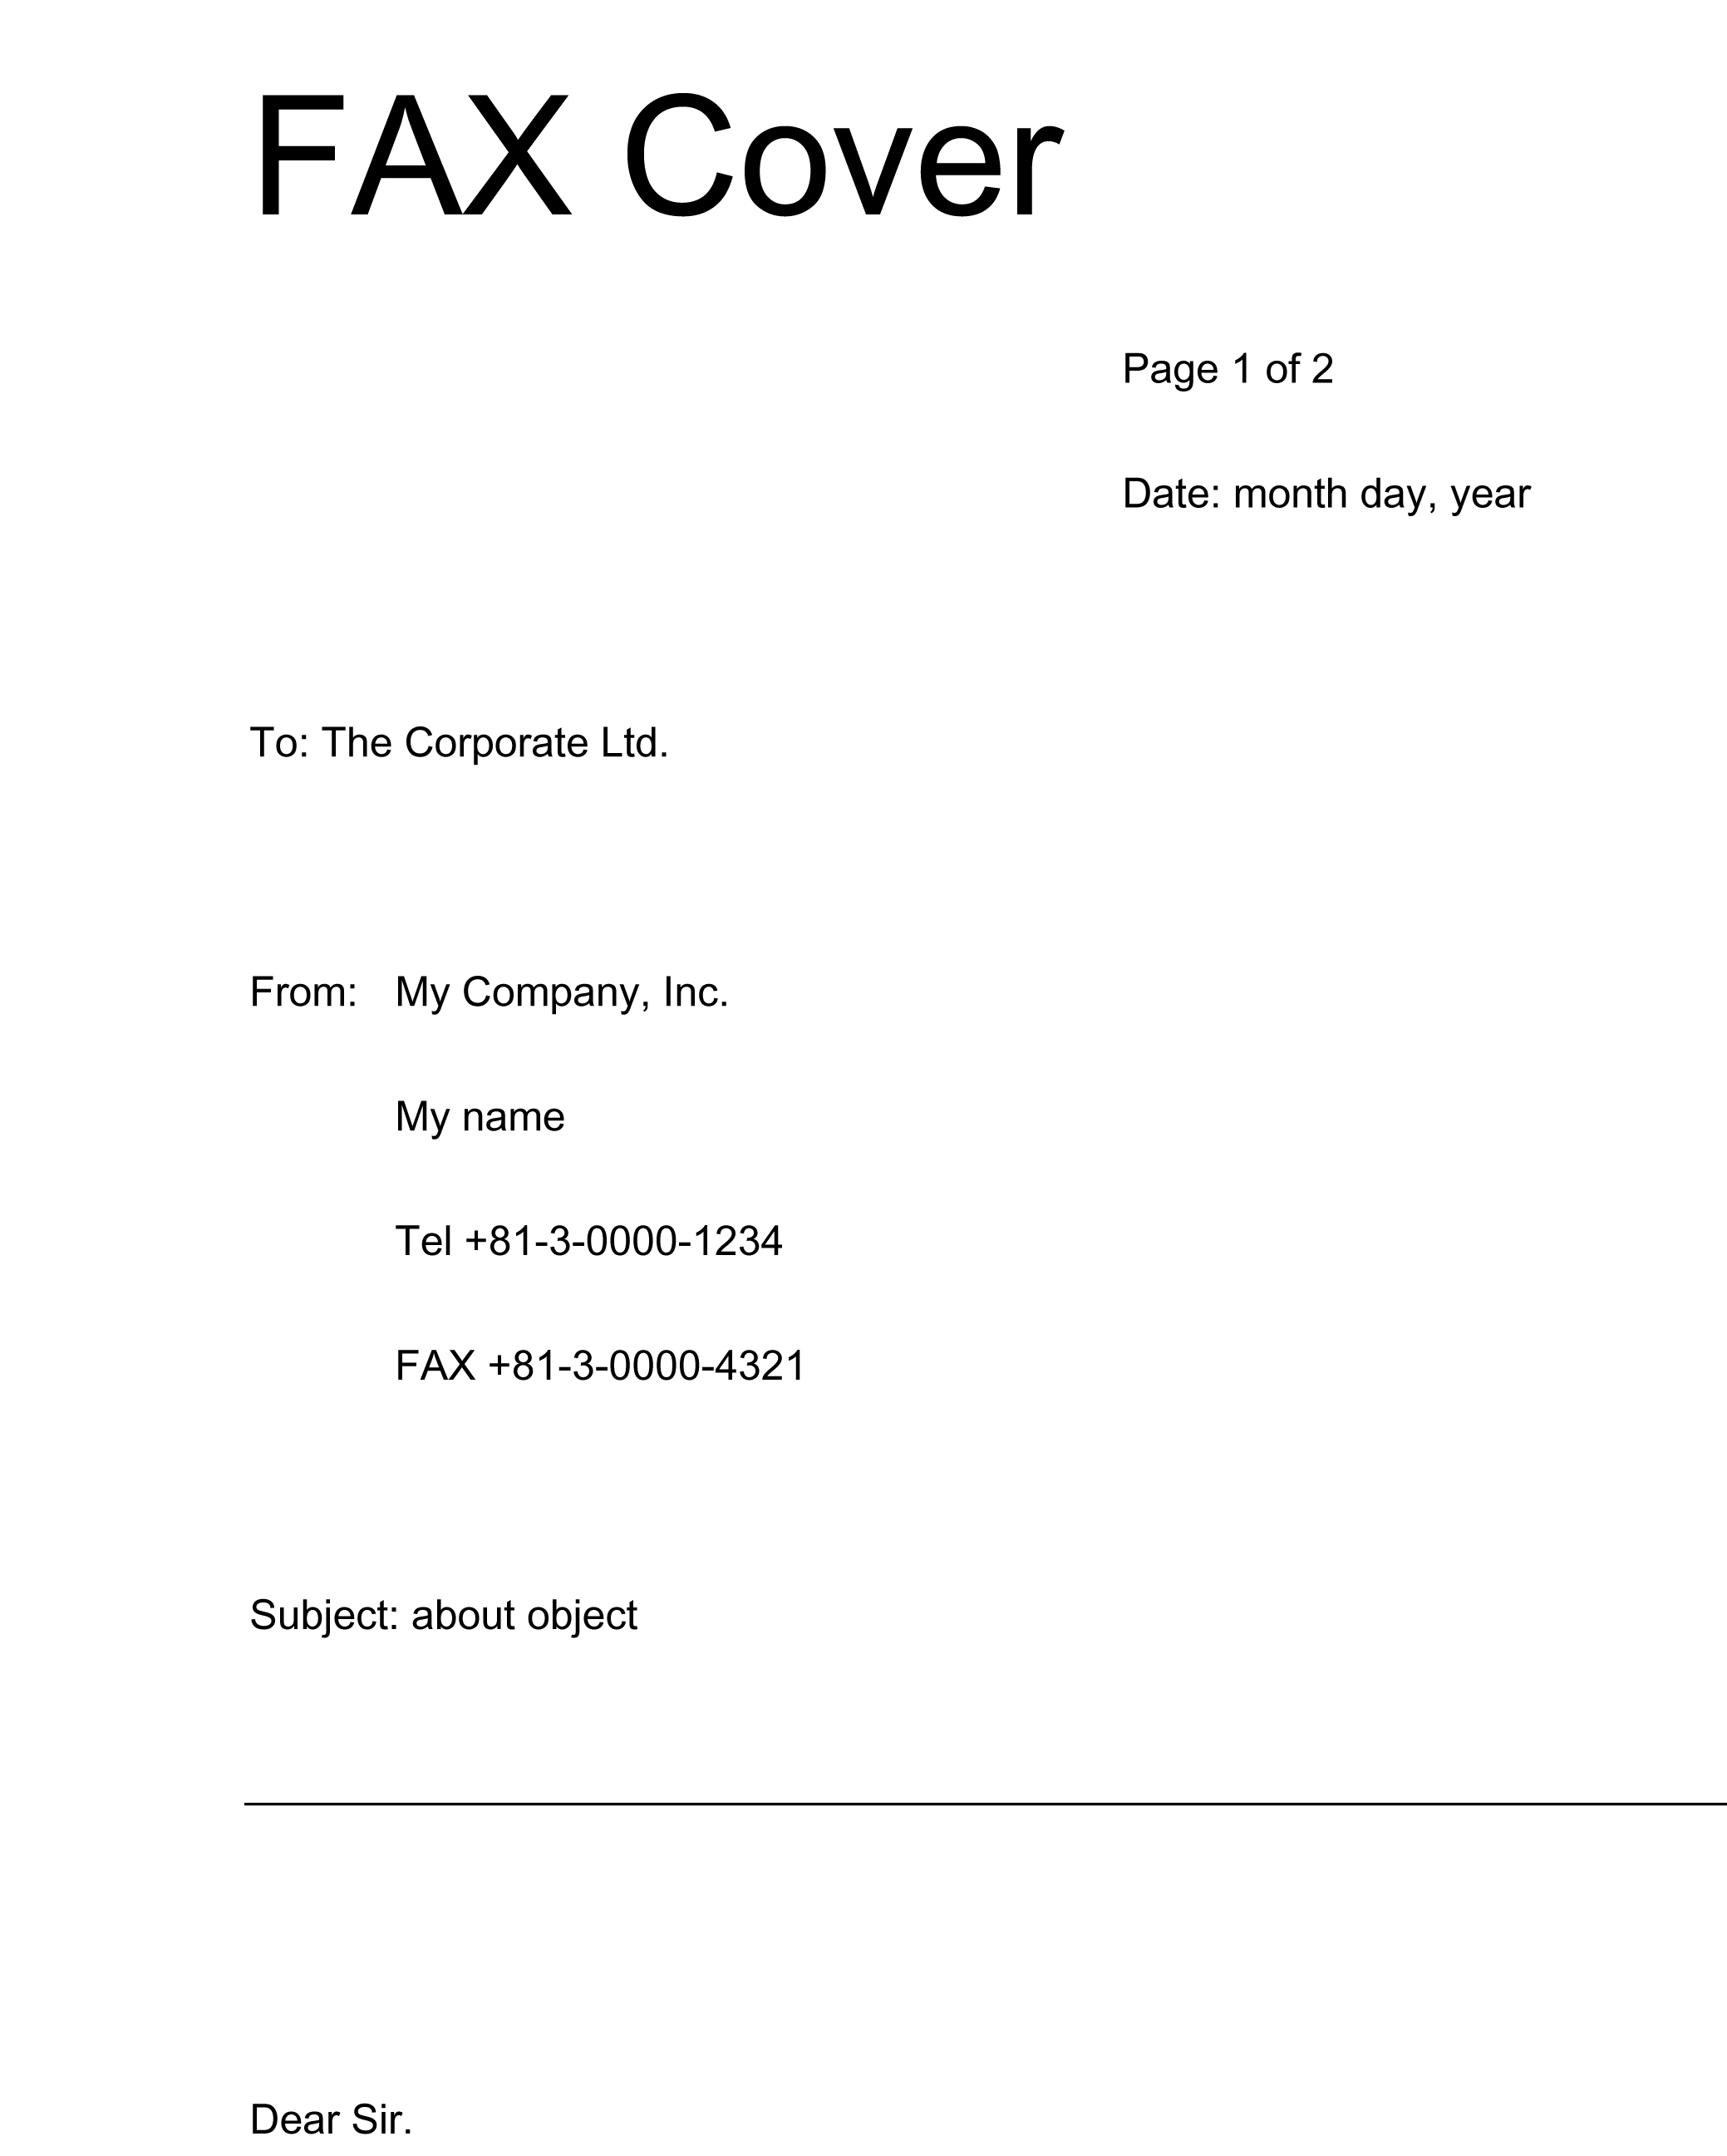 fax送付状 英語版 の書式テンプレート word ワード テンプレート